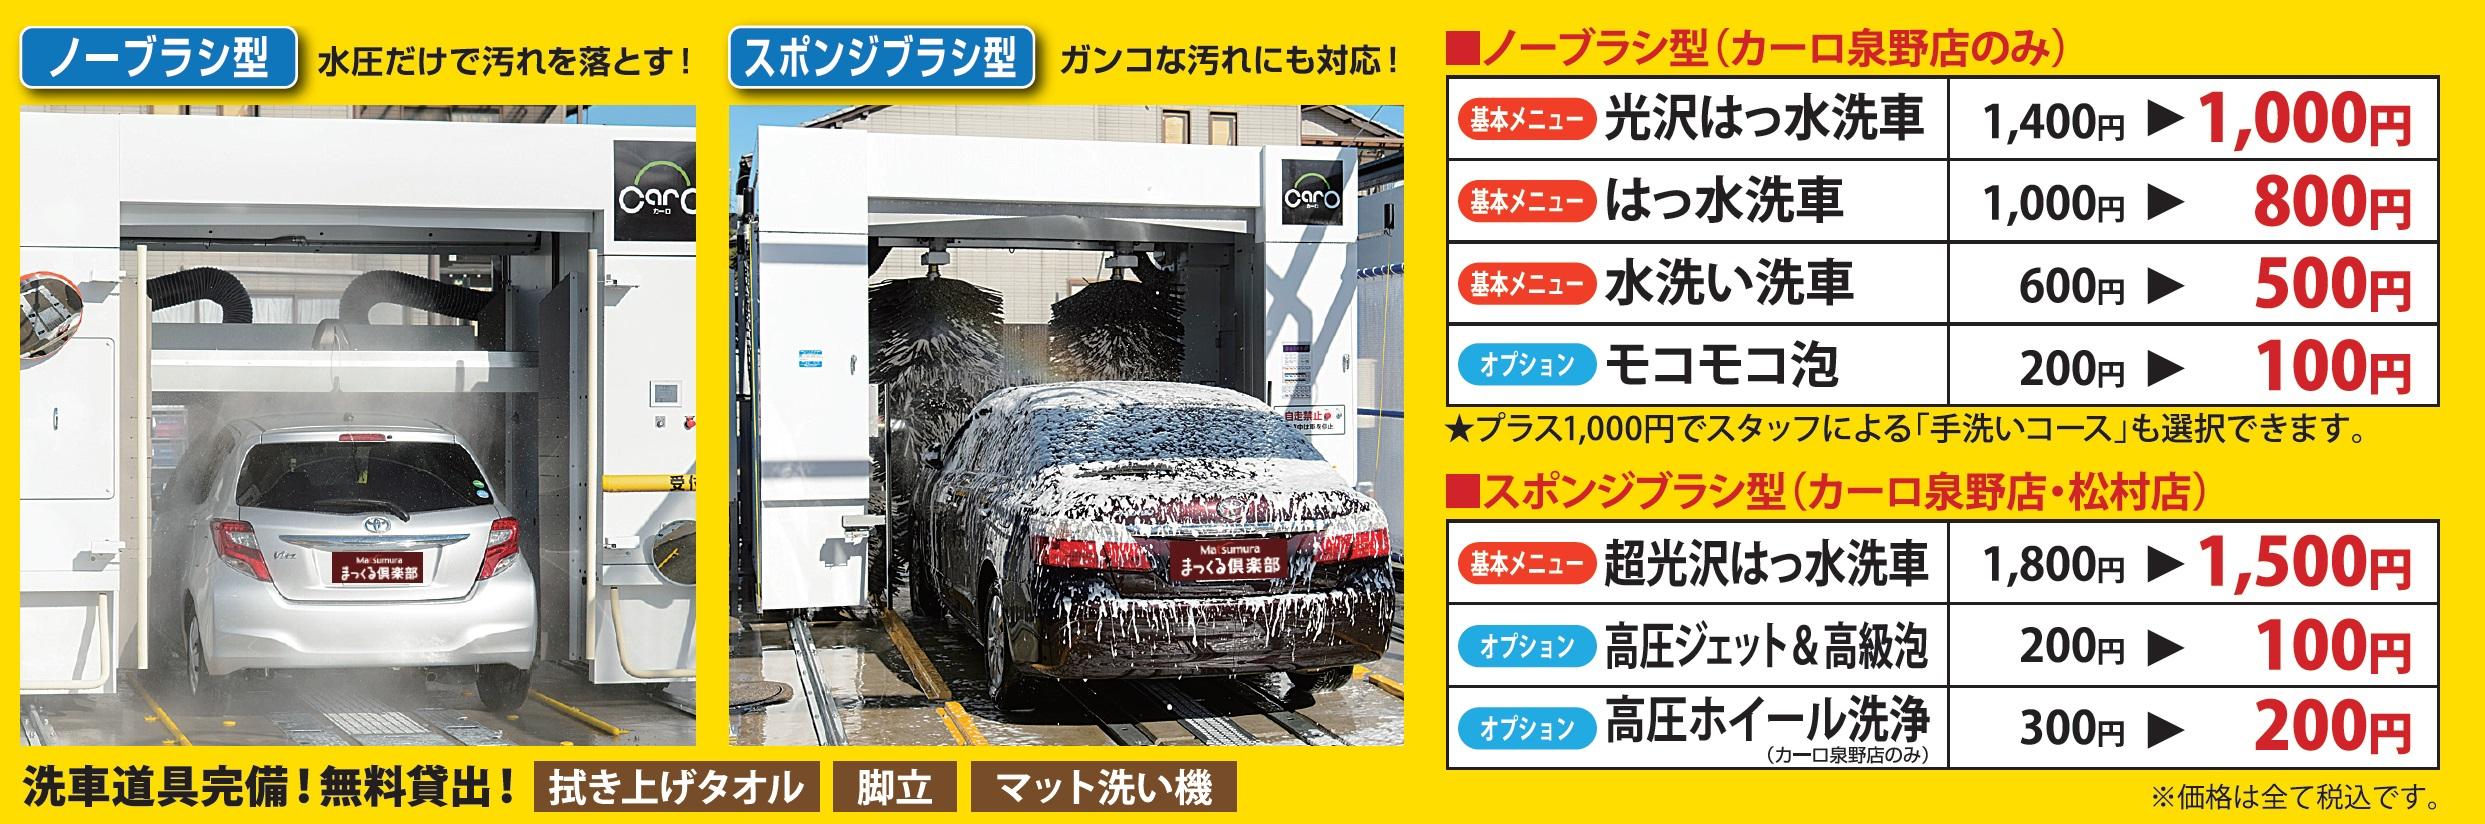 セルフ洗車お試し